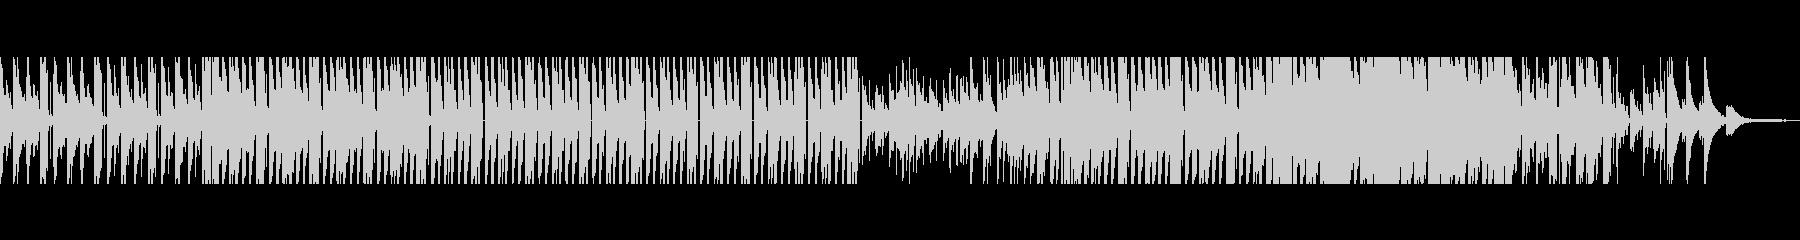 【短Ver2】80年代風洋楽ポップロックの未再生の波形